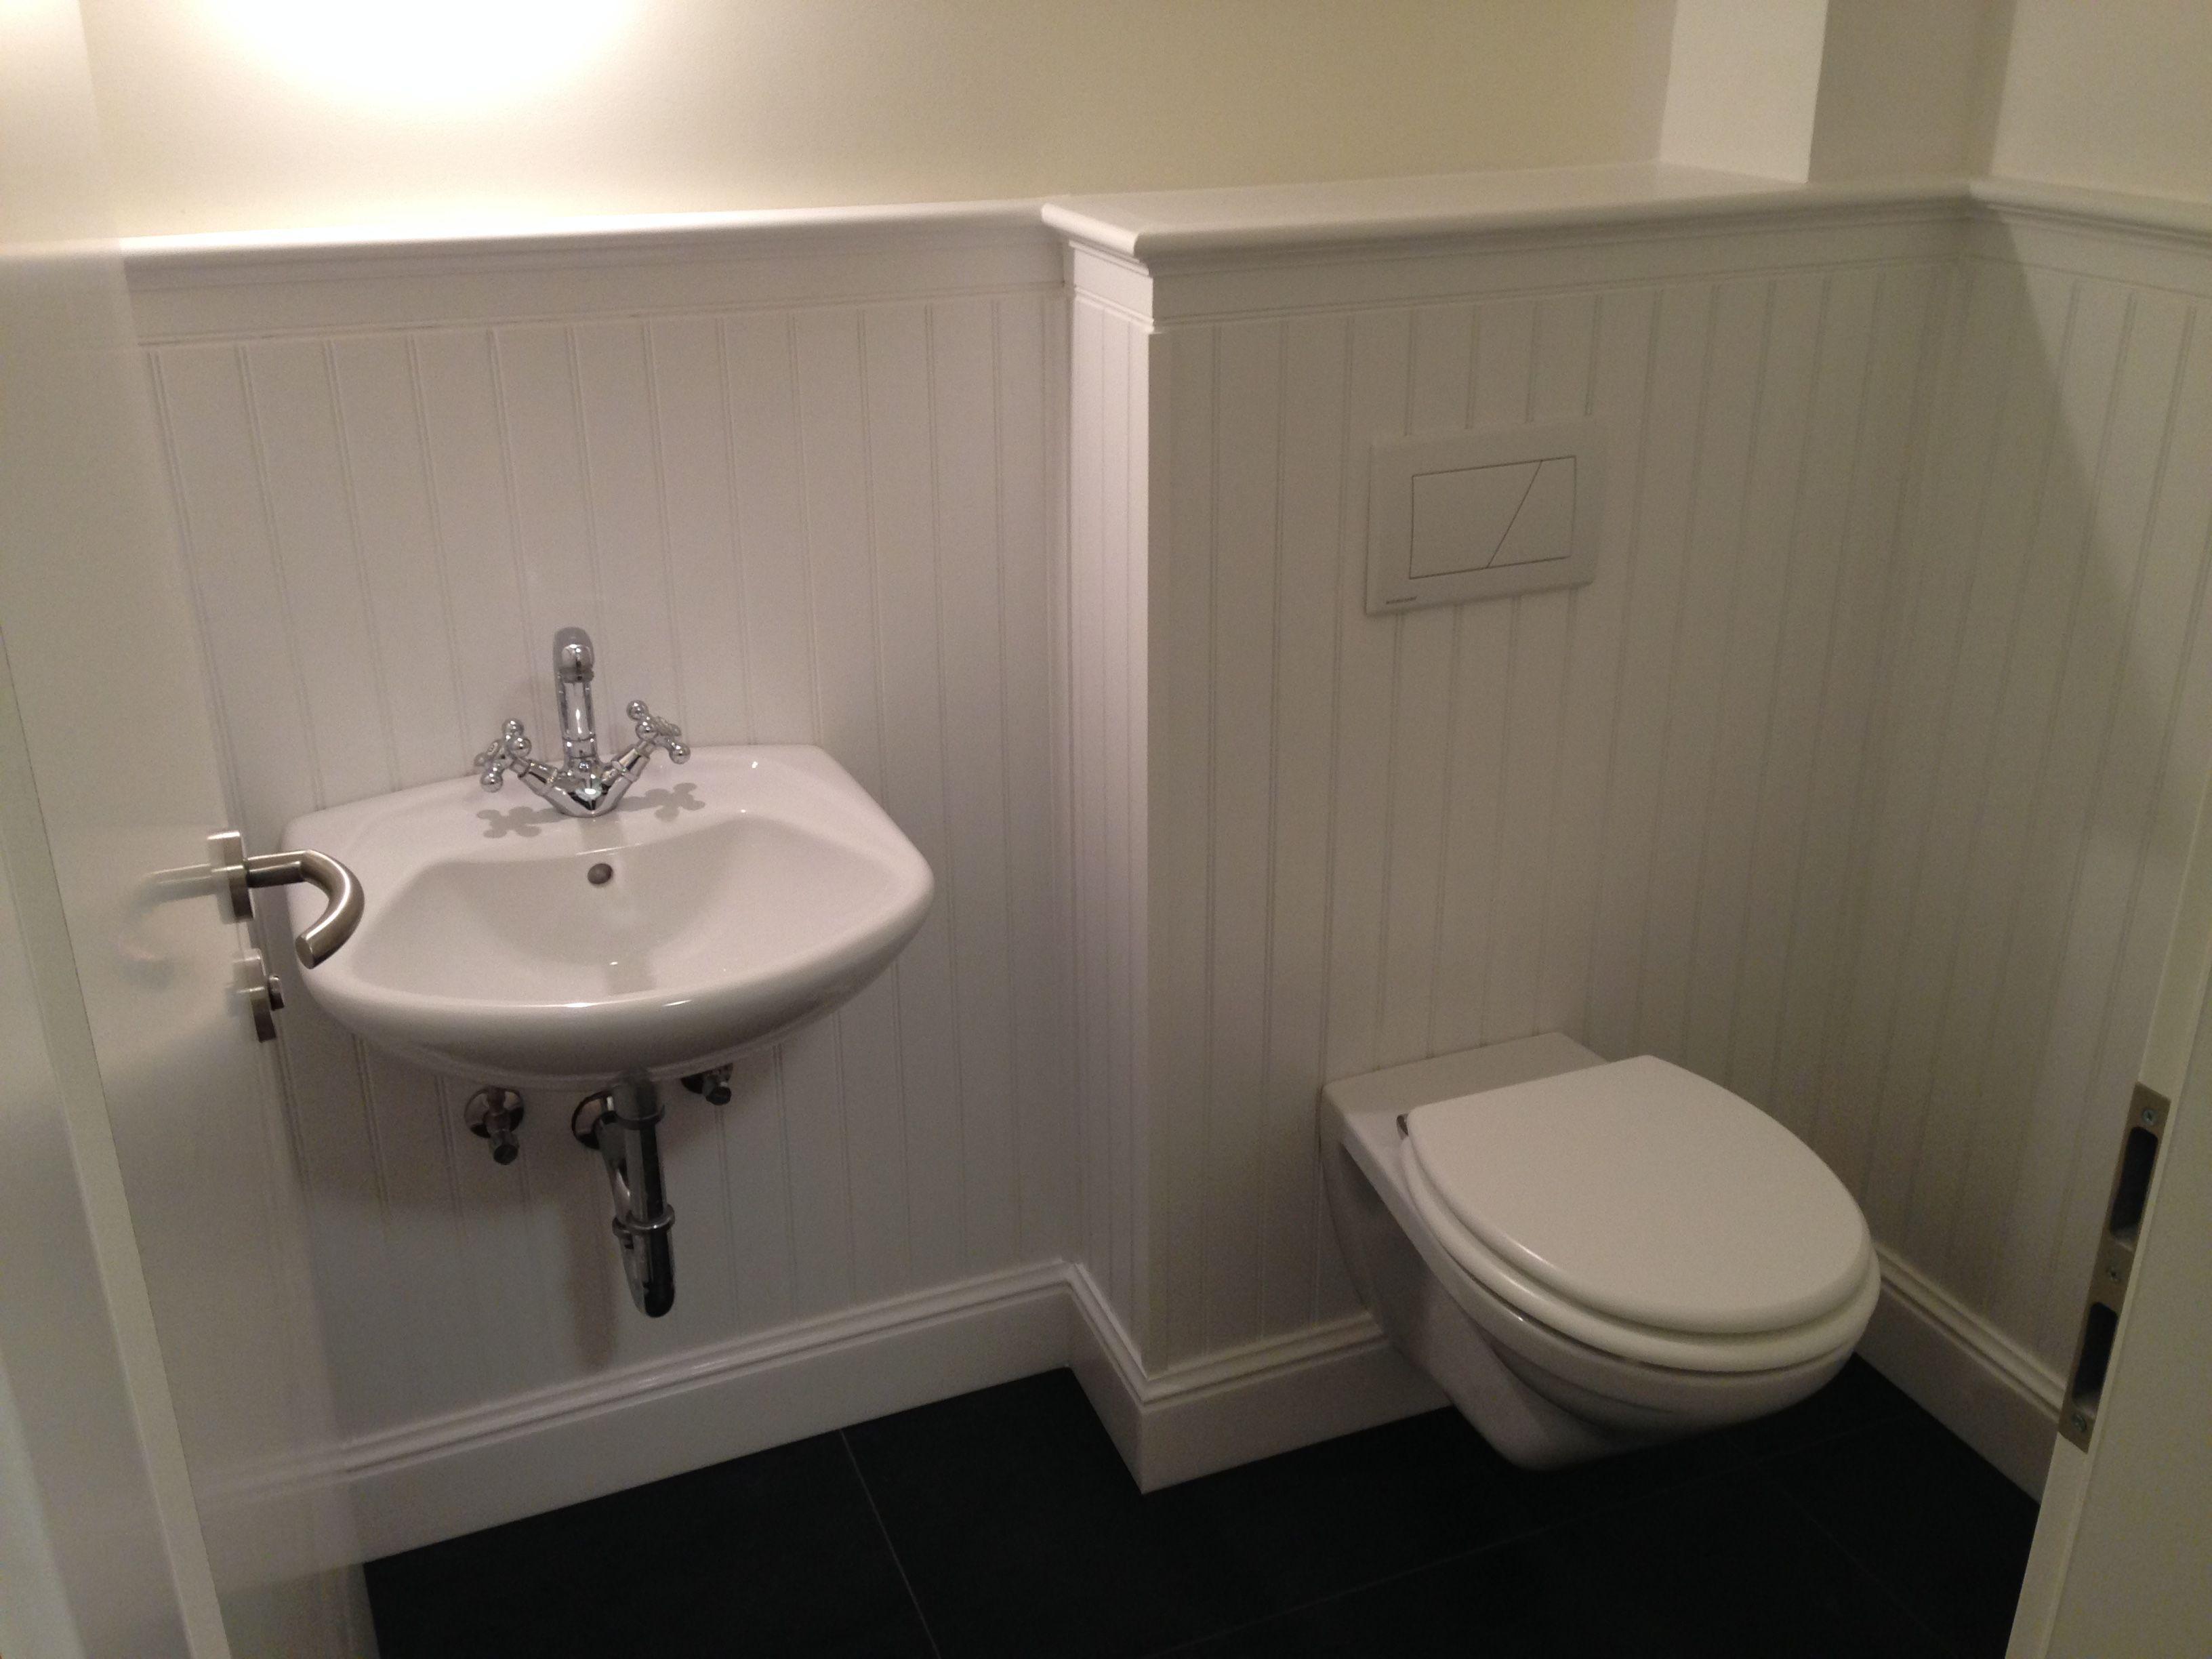 g ste wc powder room no tiles wandverkleidung wohnliches bad pinterest. Black Bedroom Furniture Sets. Home Design Ideas